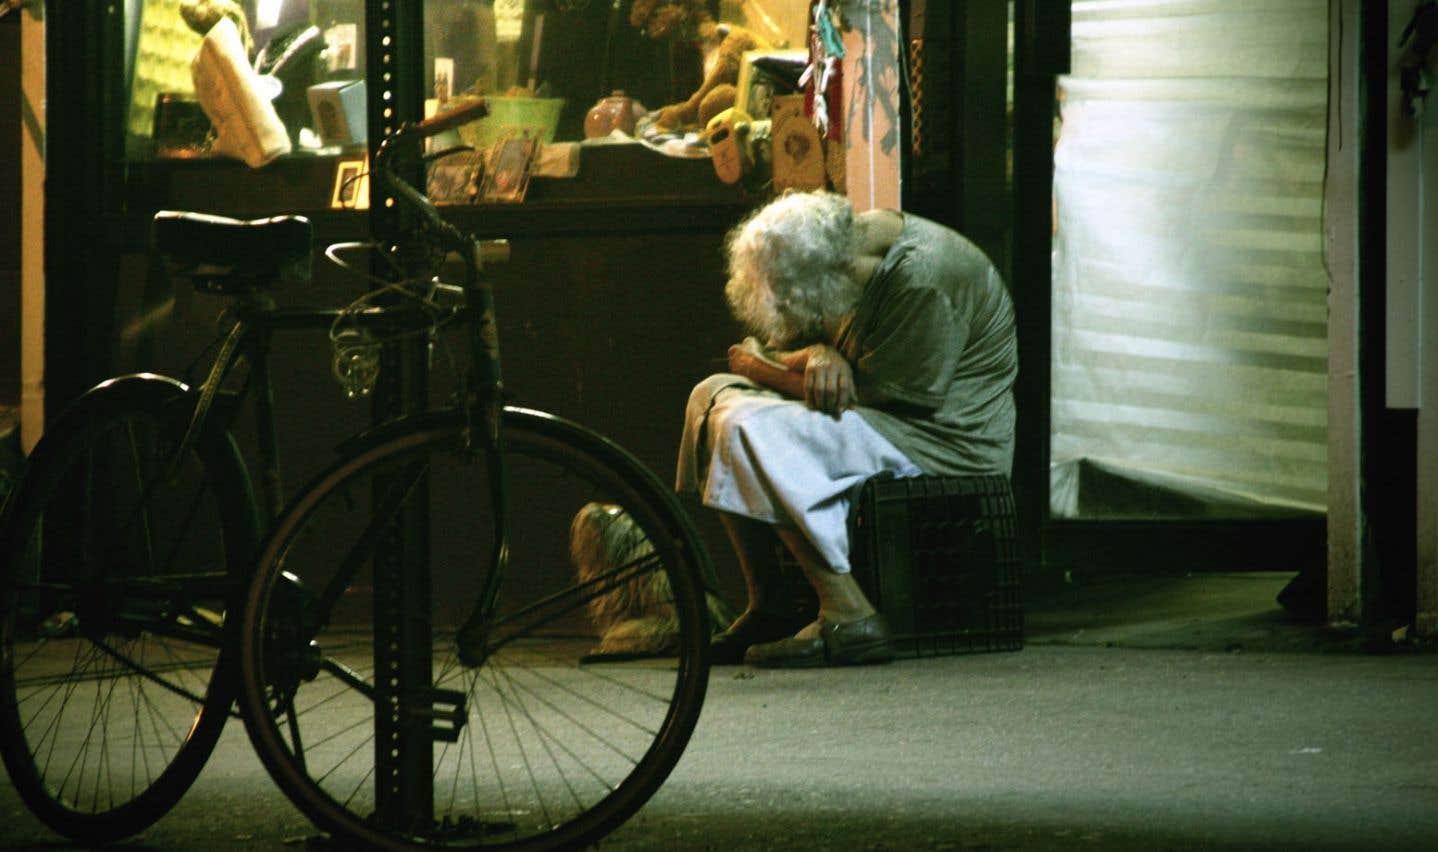 Des femmes âgées envoyées à la rue après un séjour à l'hôpital